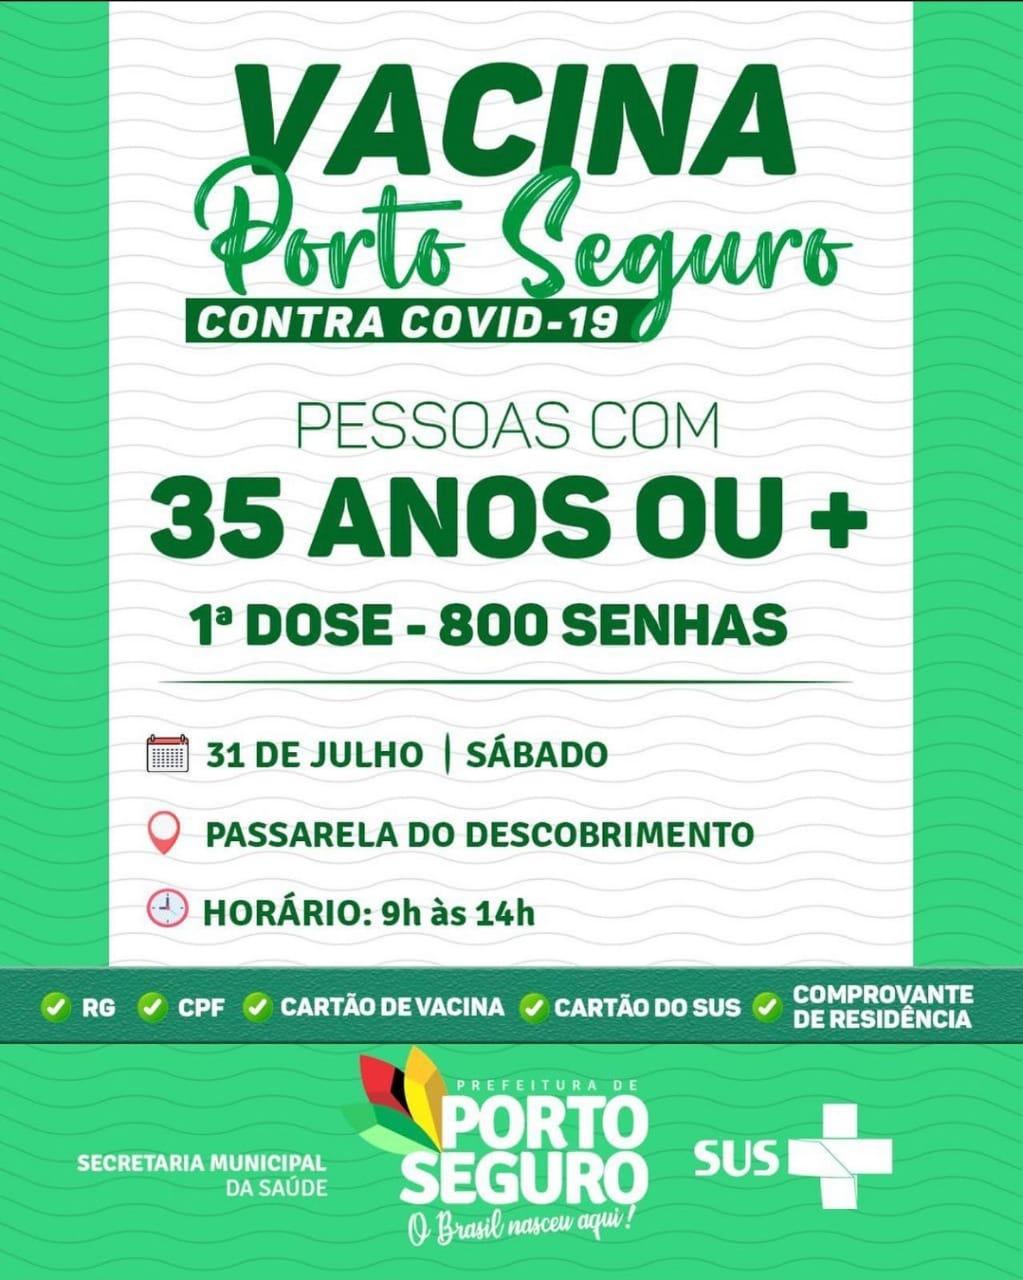 Vacina Porto Seguro contra Covid-19; cronograma de vacinação de 30 a 31 de julho 26